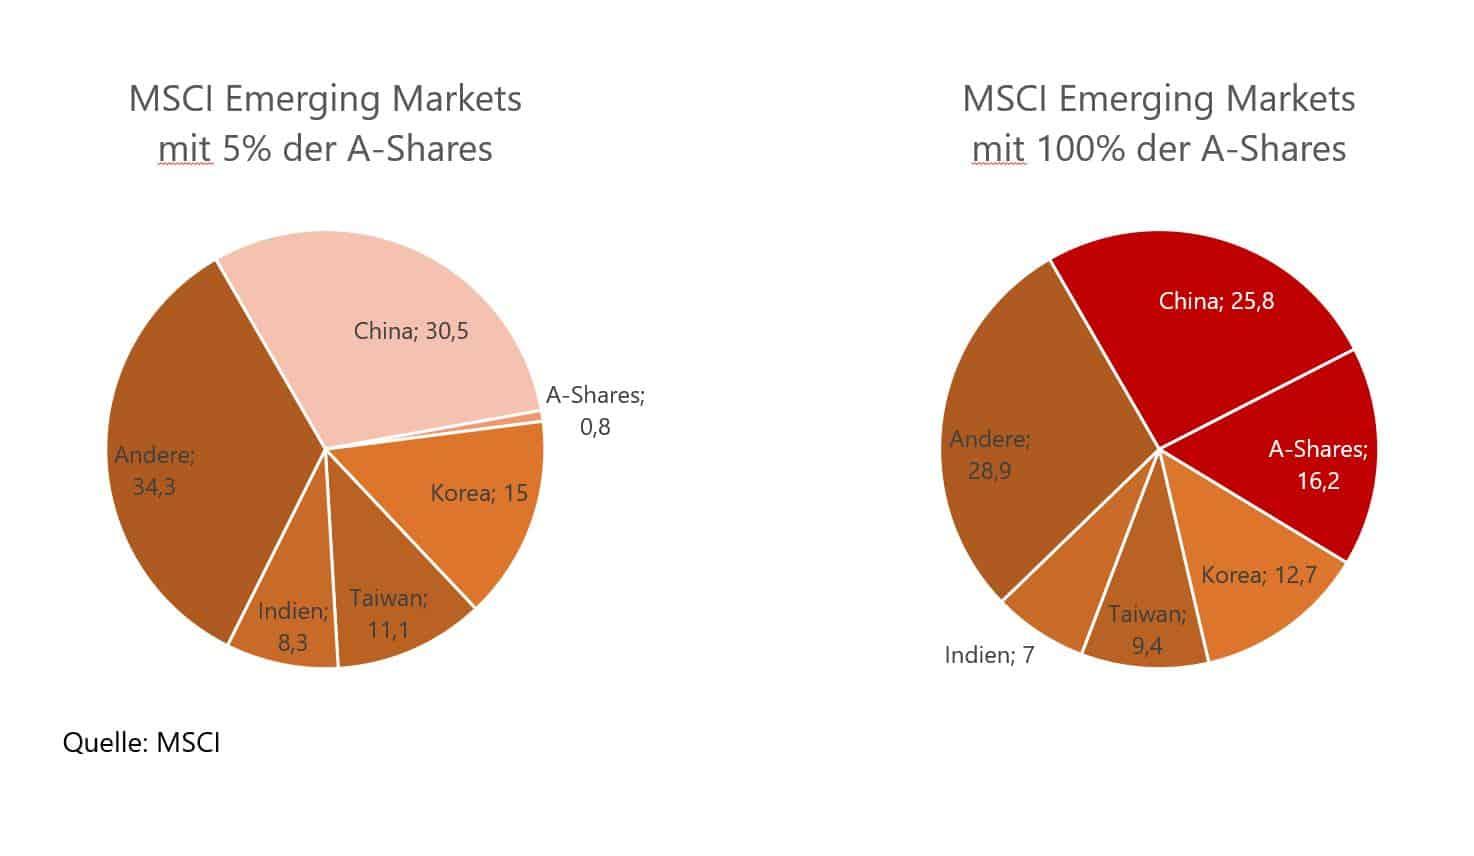 China Aktien gewinnen an Bedeutung im MSCI Emerging Markets